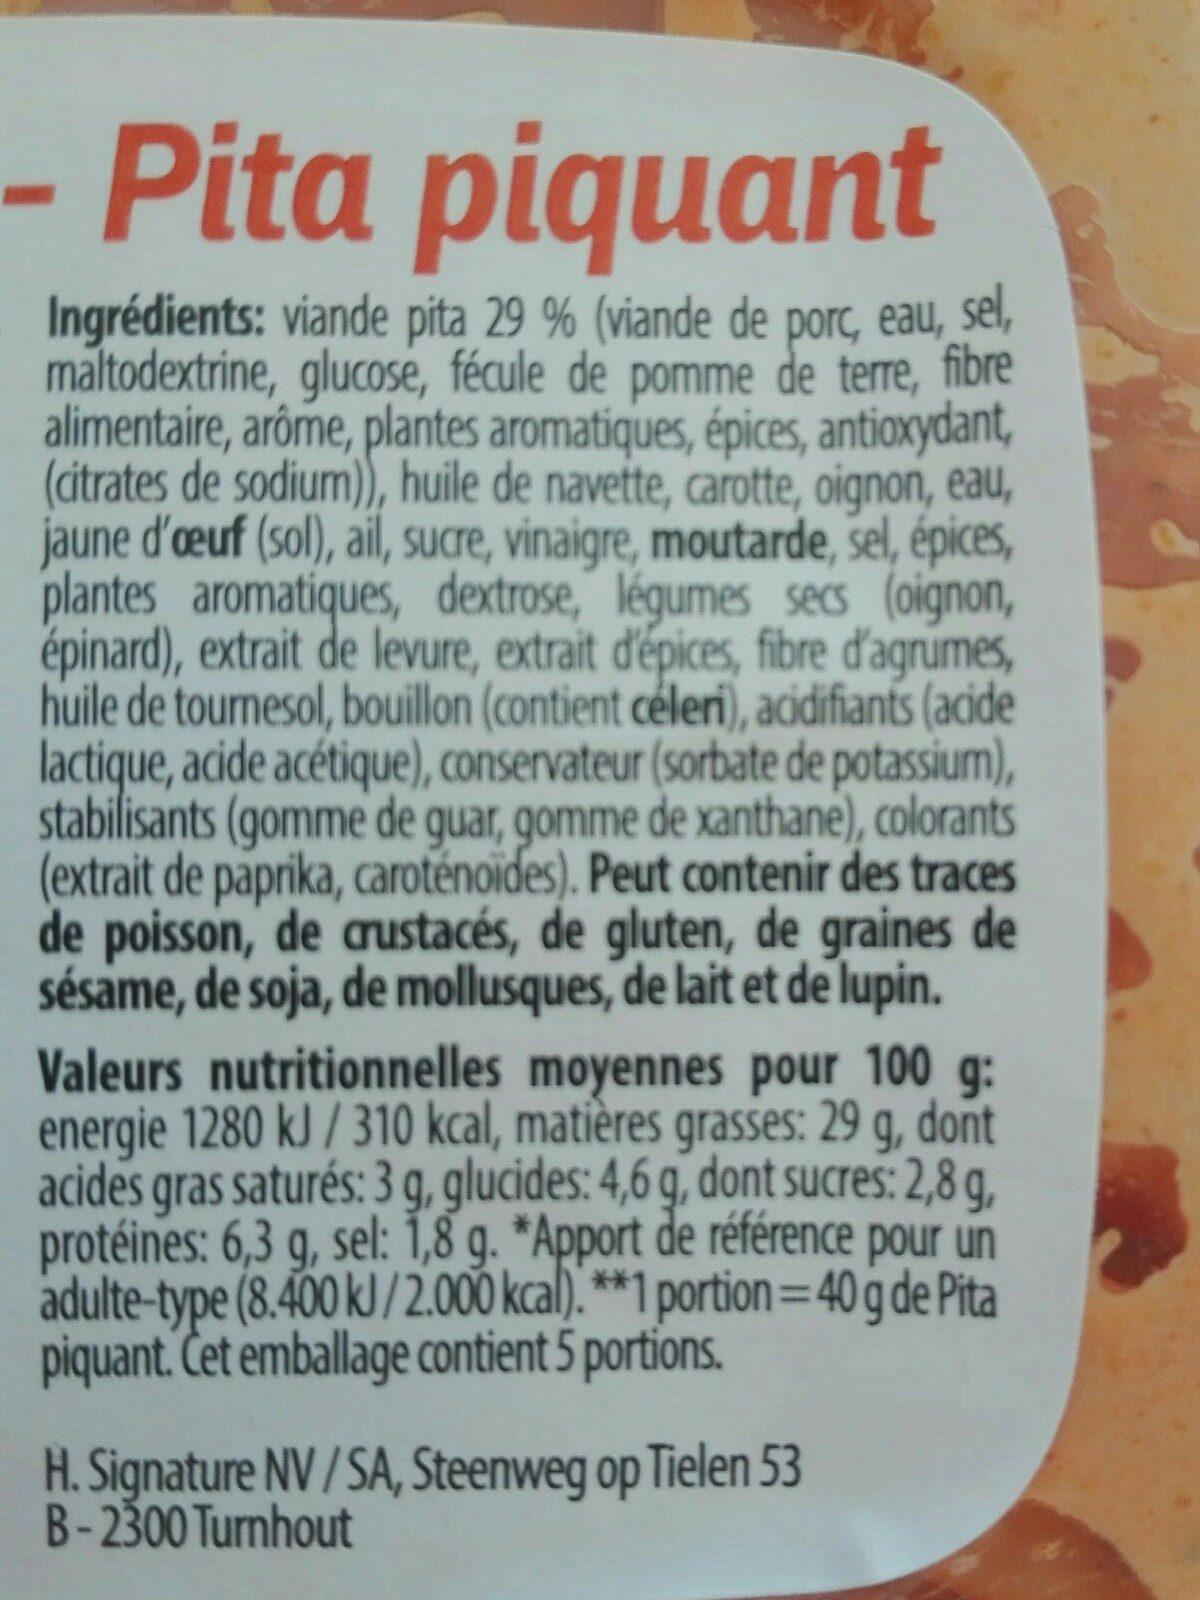 Salade Janbom poireaux Delicato - Ingrediënten - en